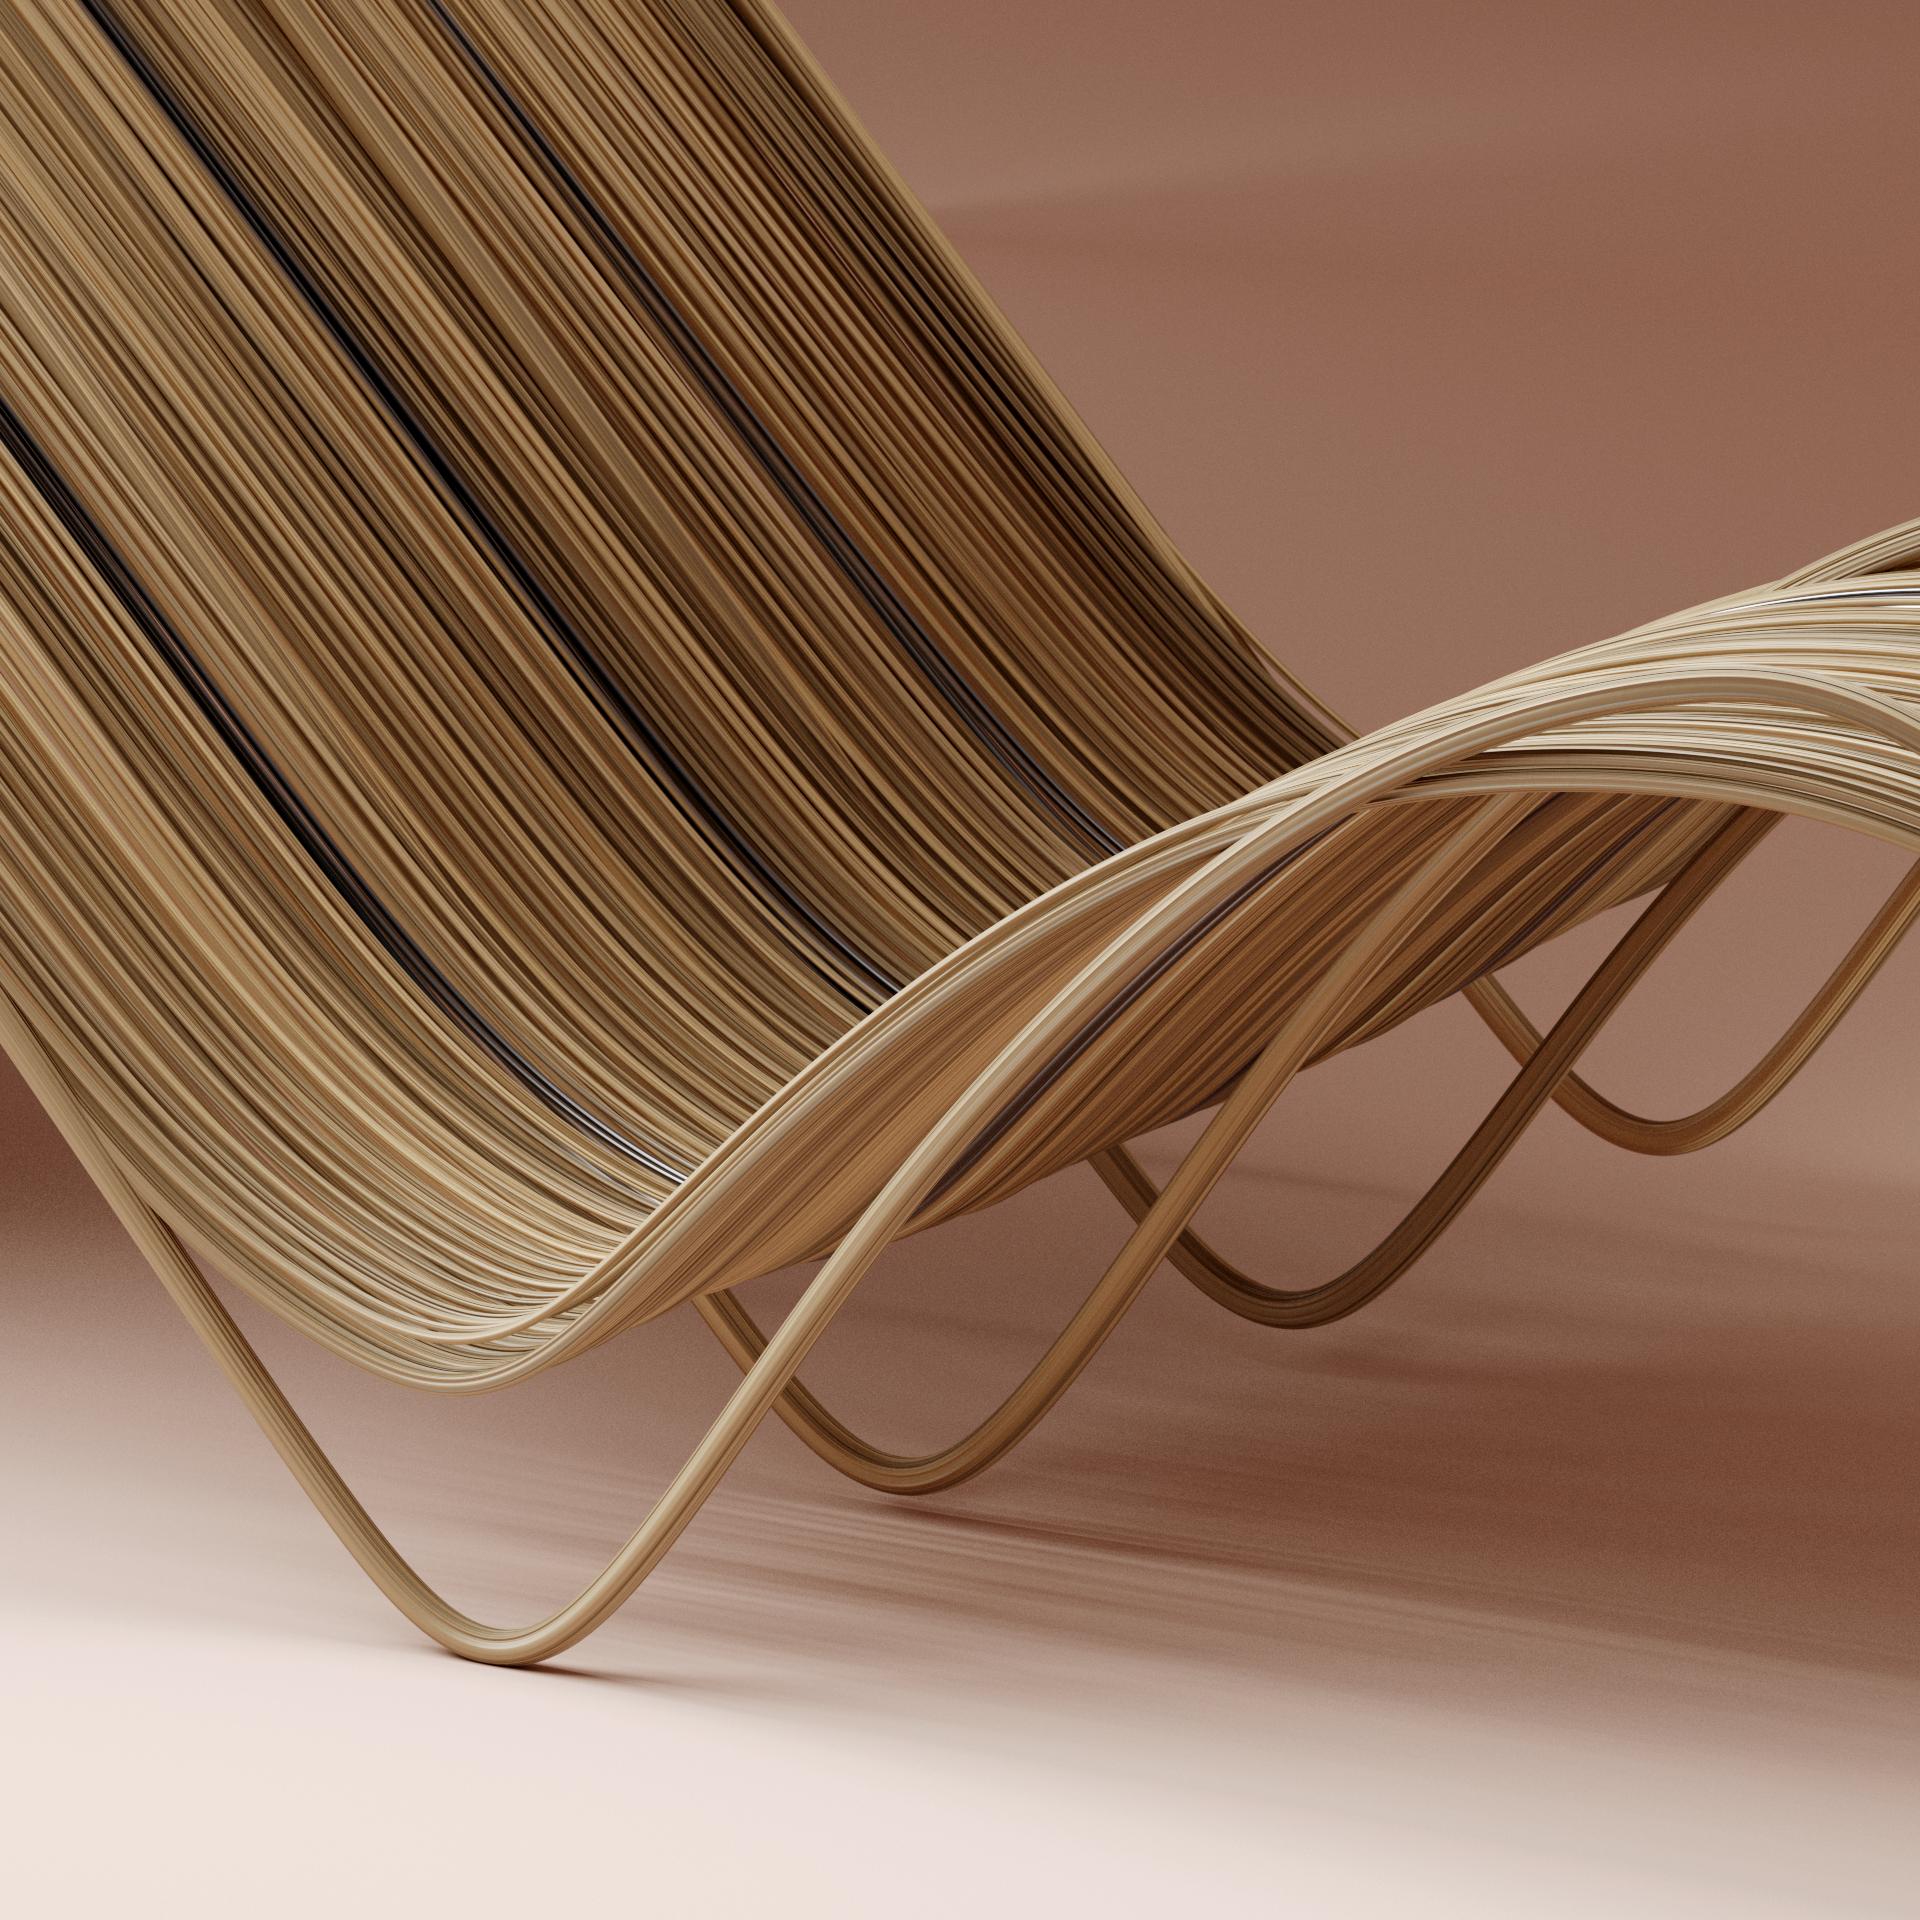 BandO_Harmony_abstract_closeup_02.png